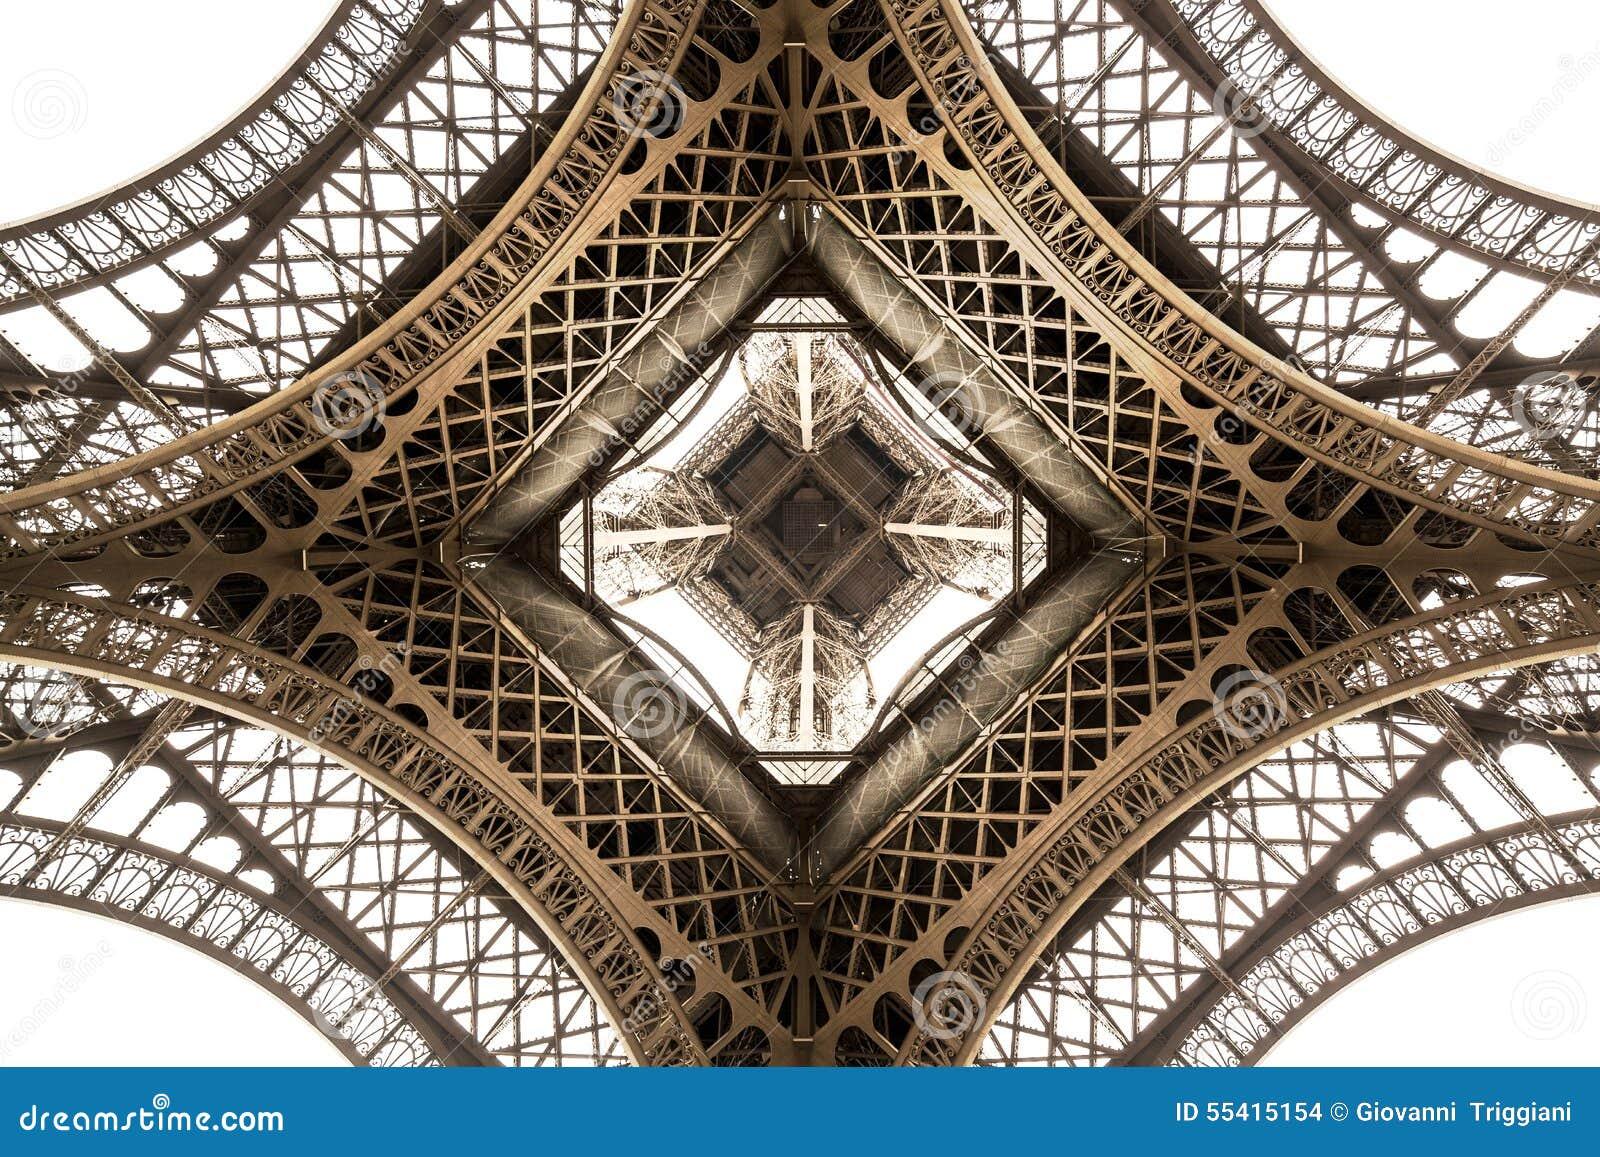 Dettaglio di architettura della torre Eiffel, vista dal basso Angolo unico